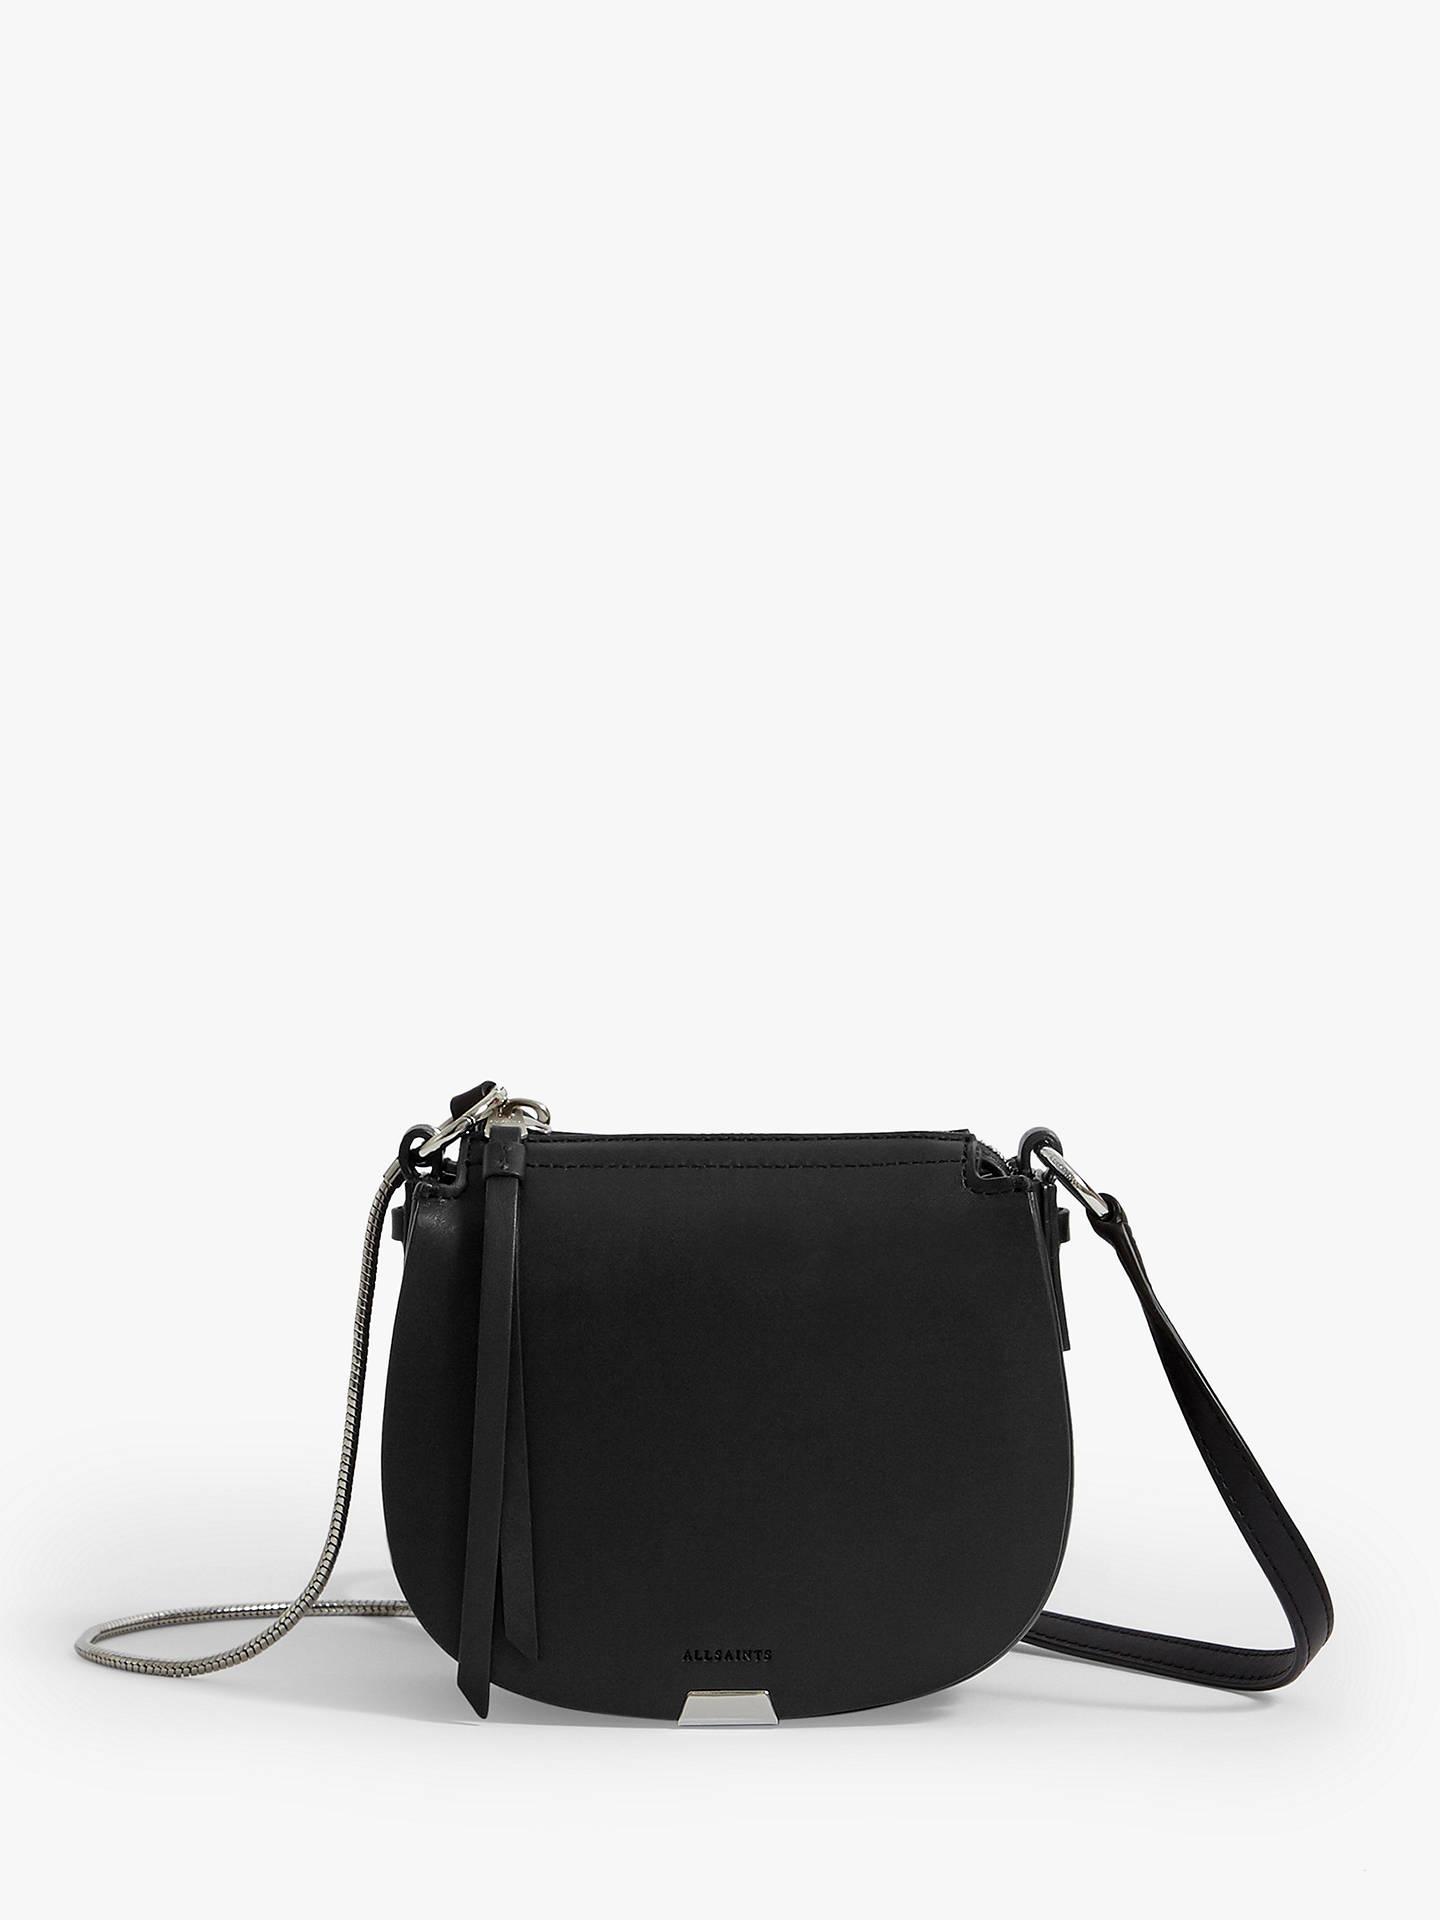 online store nice shoes temperament shoes AllSaints Captain Mini Round Leather Cross Body Bag, Black